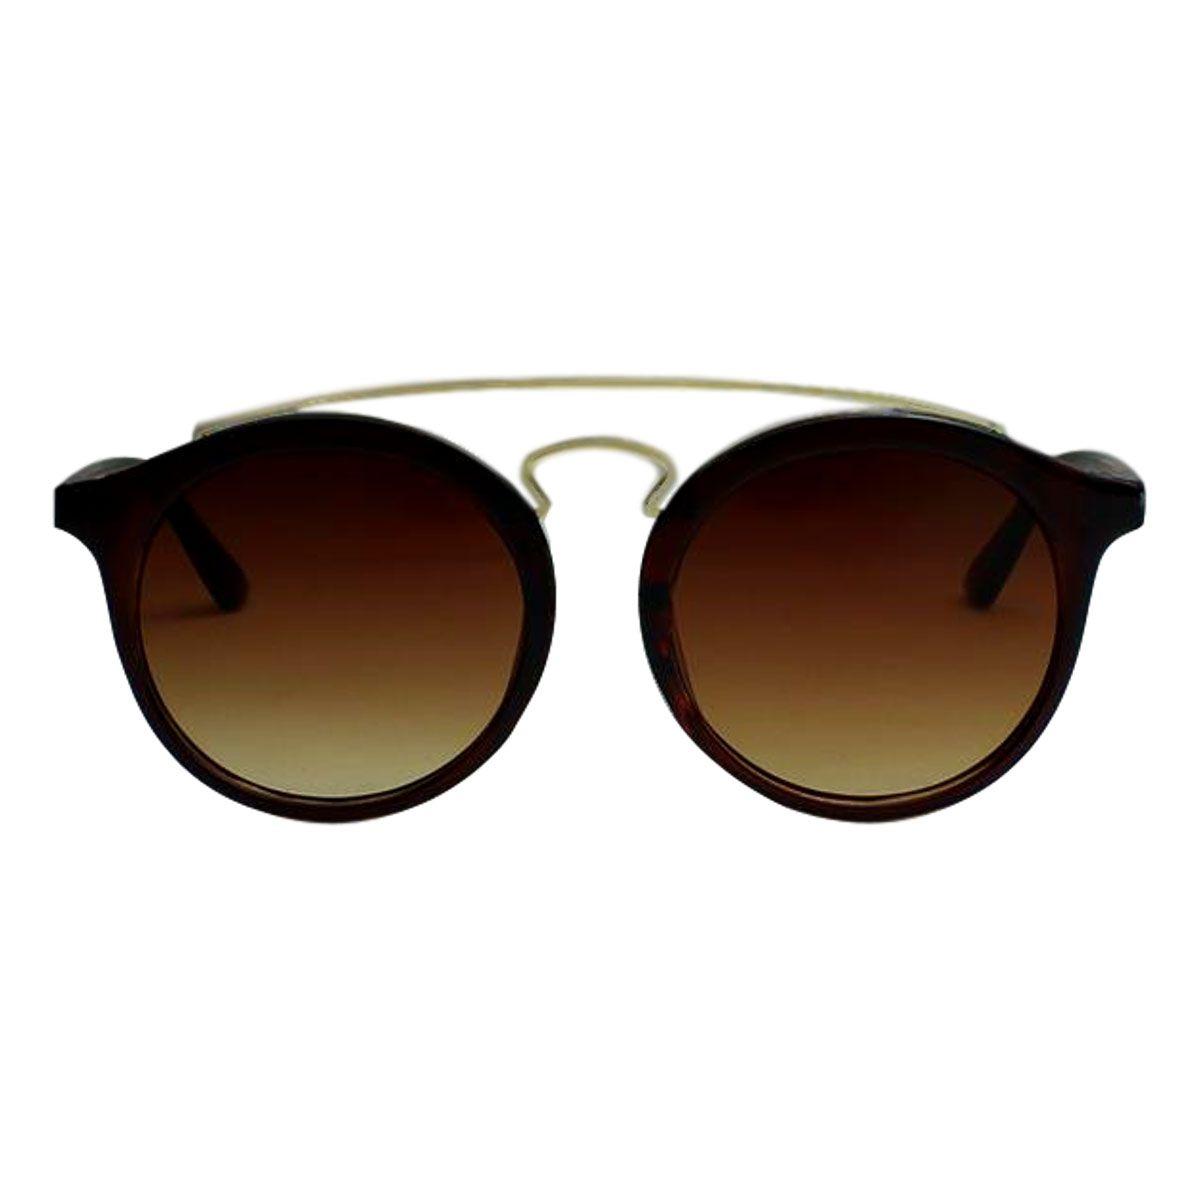 61dae0491dec5 ... Óculos de Sol Díspar ID1961 Infantil - Marrom ...